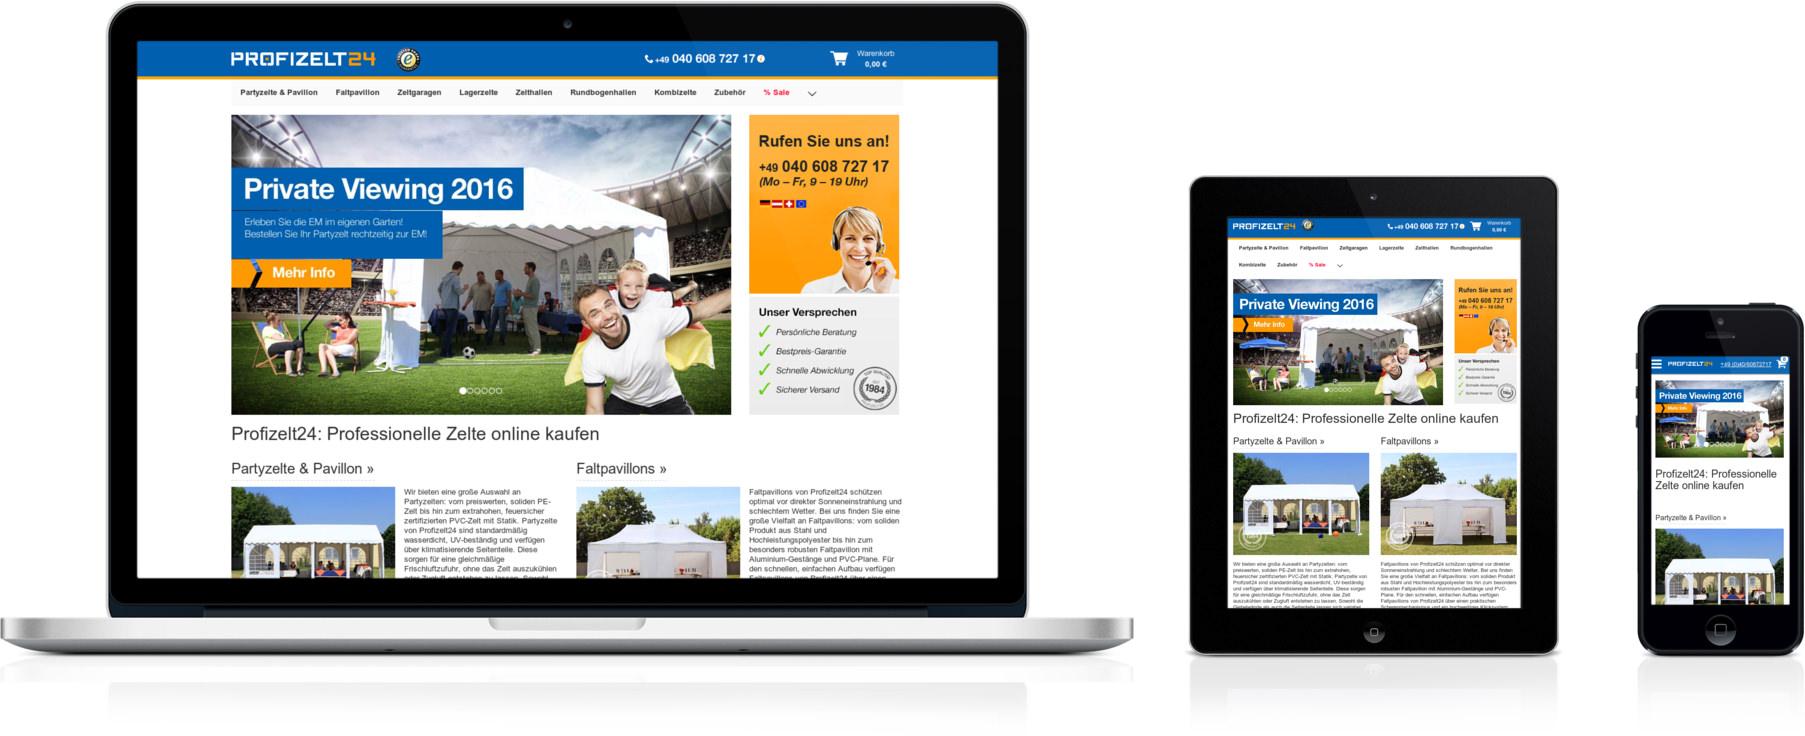 Profizelt24.de geöffnet auf Smartphone, Desktop und Tablet